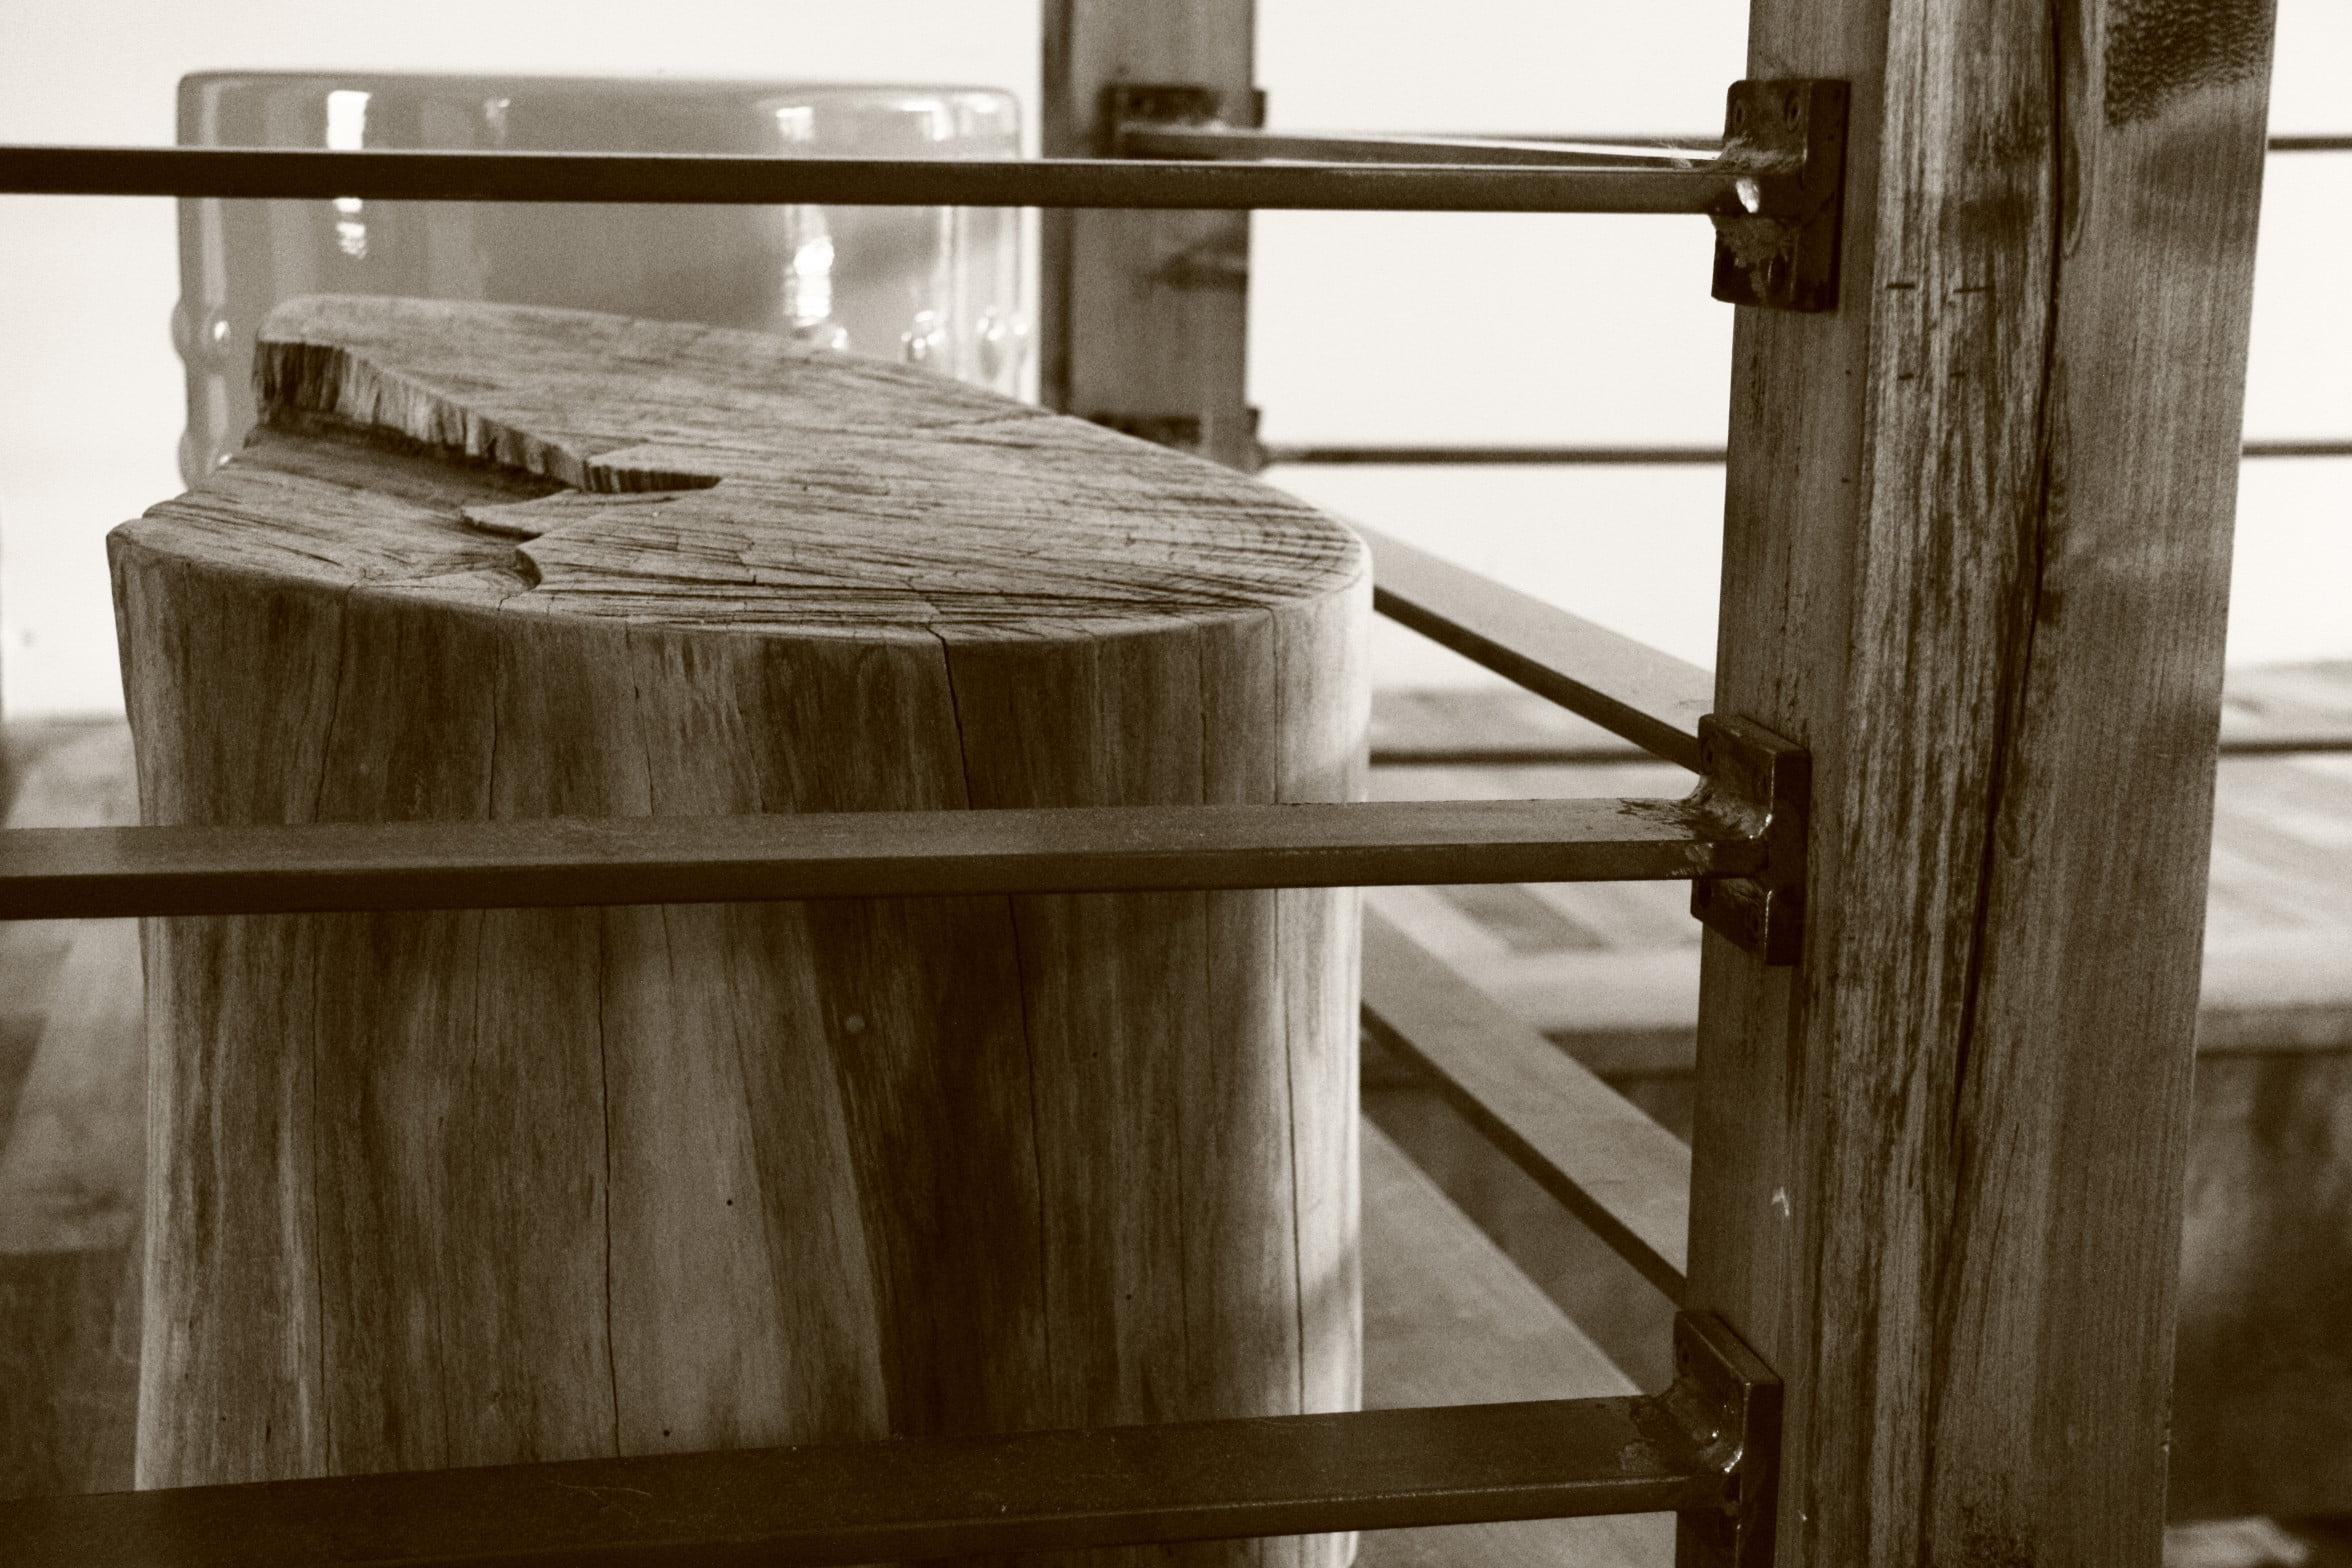 Design 04 meubles sur mesure meubles hochelaga for Meuble hochelaga montreal